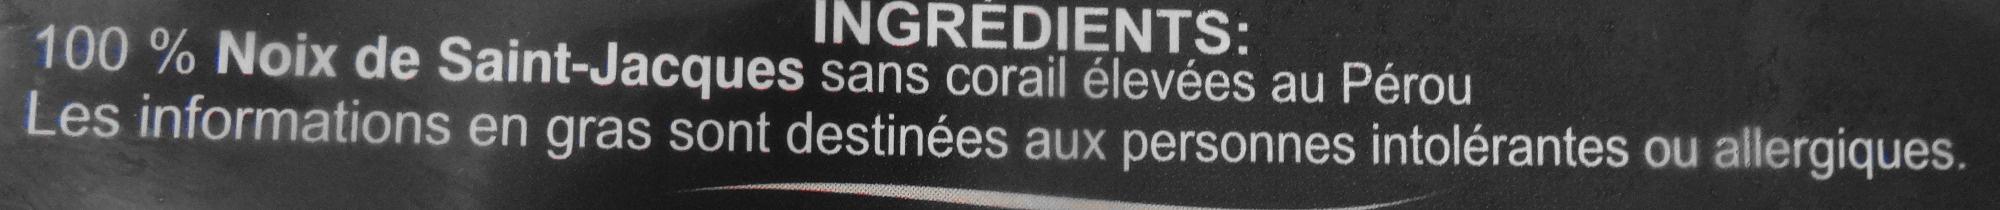 Noix de Saint-Jacques Sans Corail - surgelé - Ingrediënten